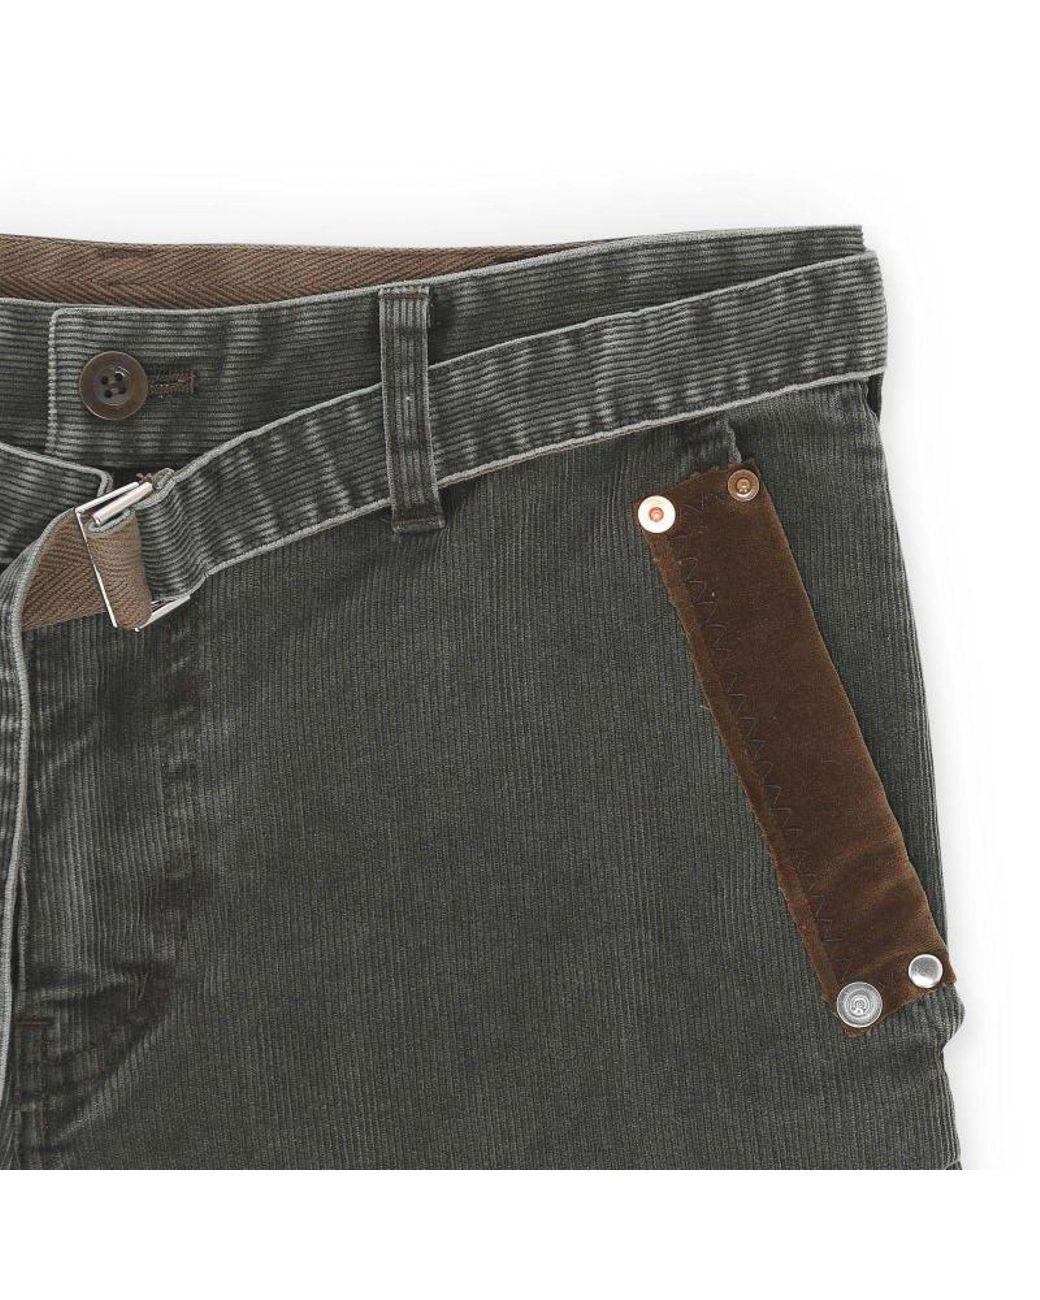 1b2cbf2854 Sacai Corduroy Pants for Men - Lyst